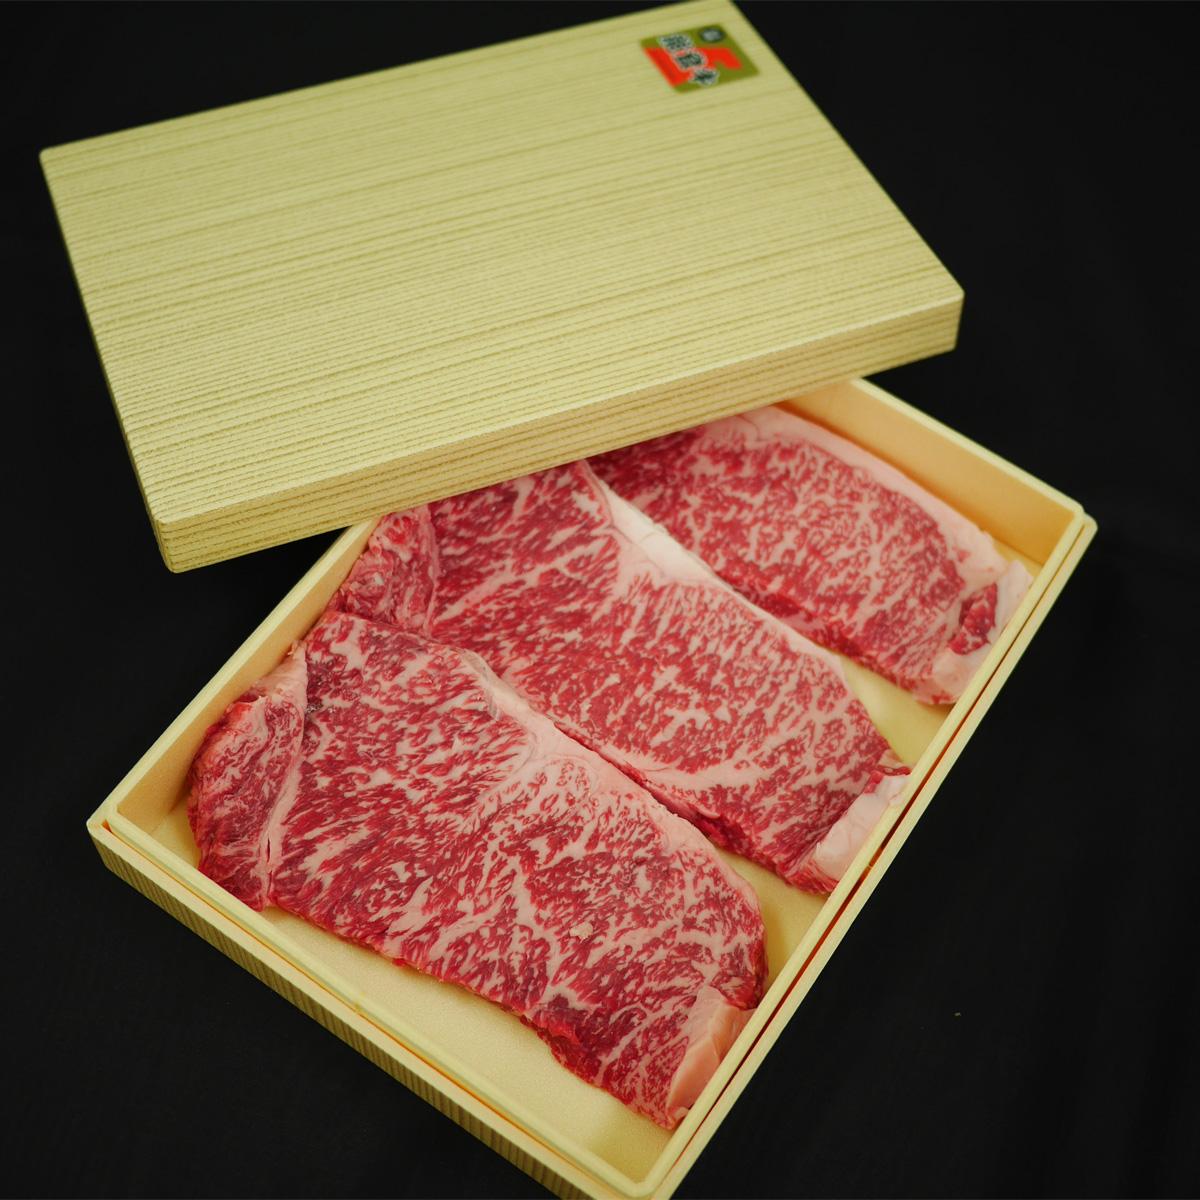 【ふるさと納税】徹底した品質管理で安全で美味しいお肉「能登牛」ロースステーキ